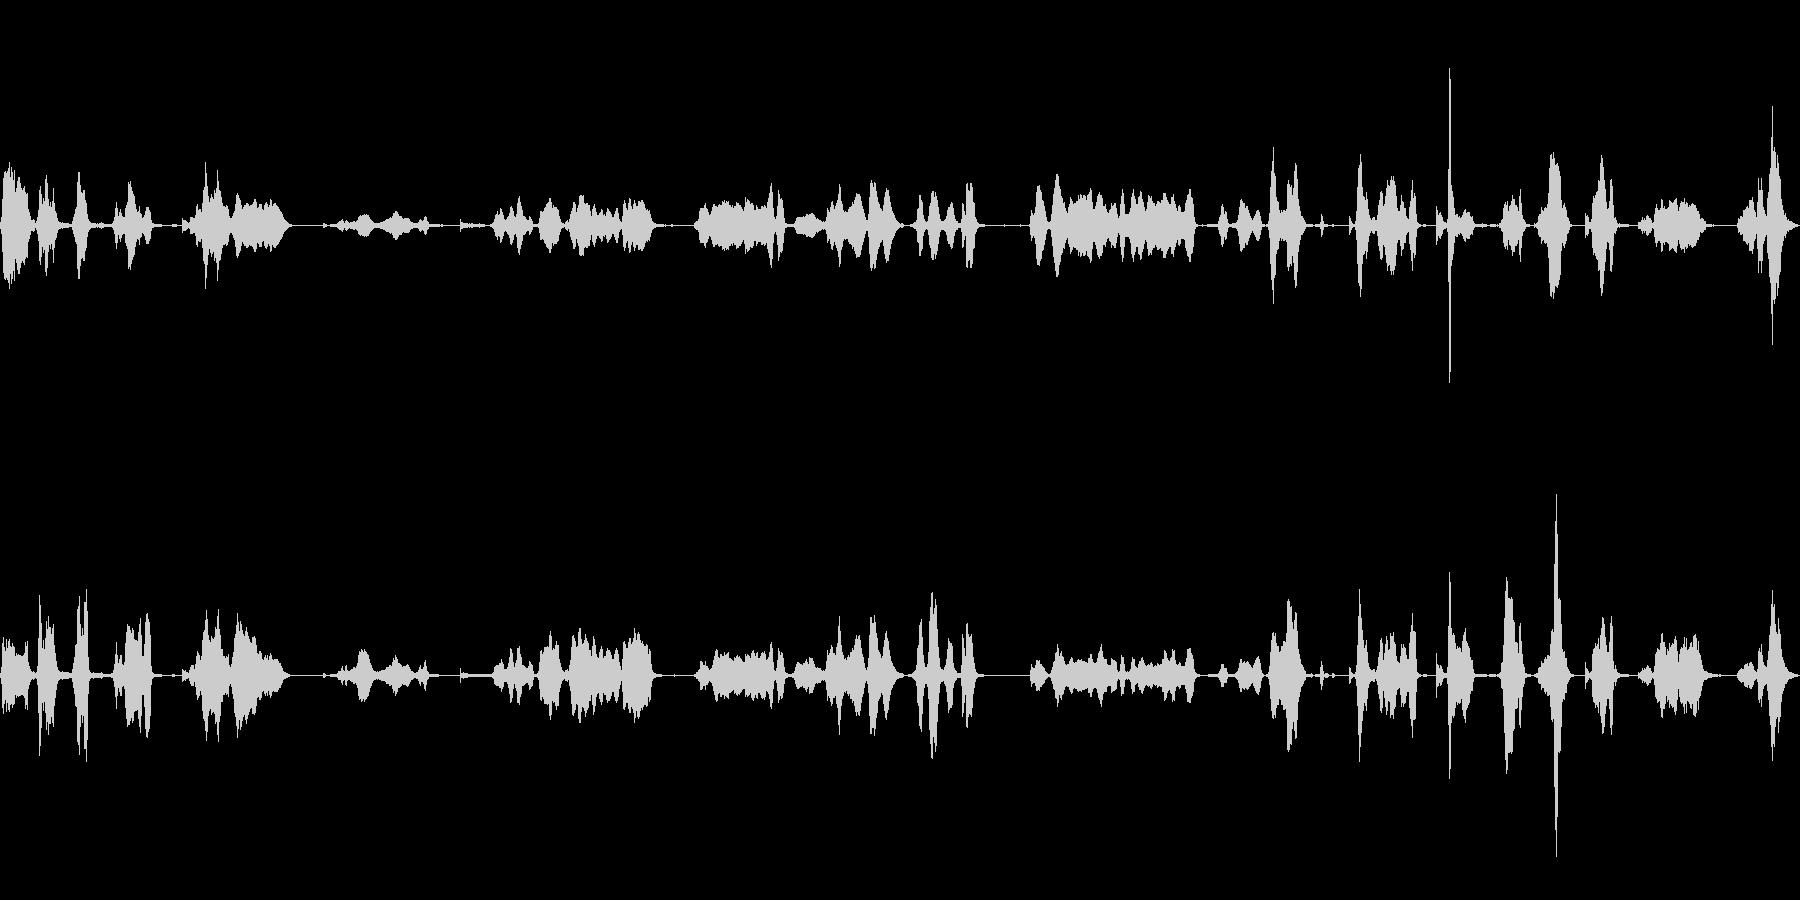 シンバル、メタル、スクラッチ、ホラ...の未再生の波形